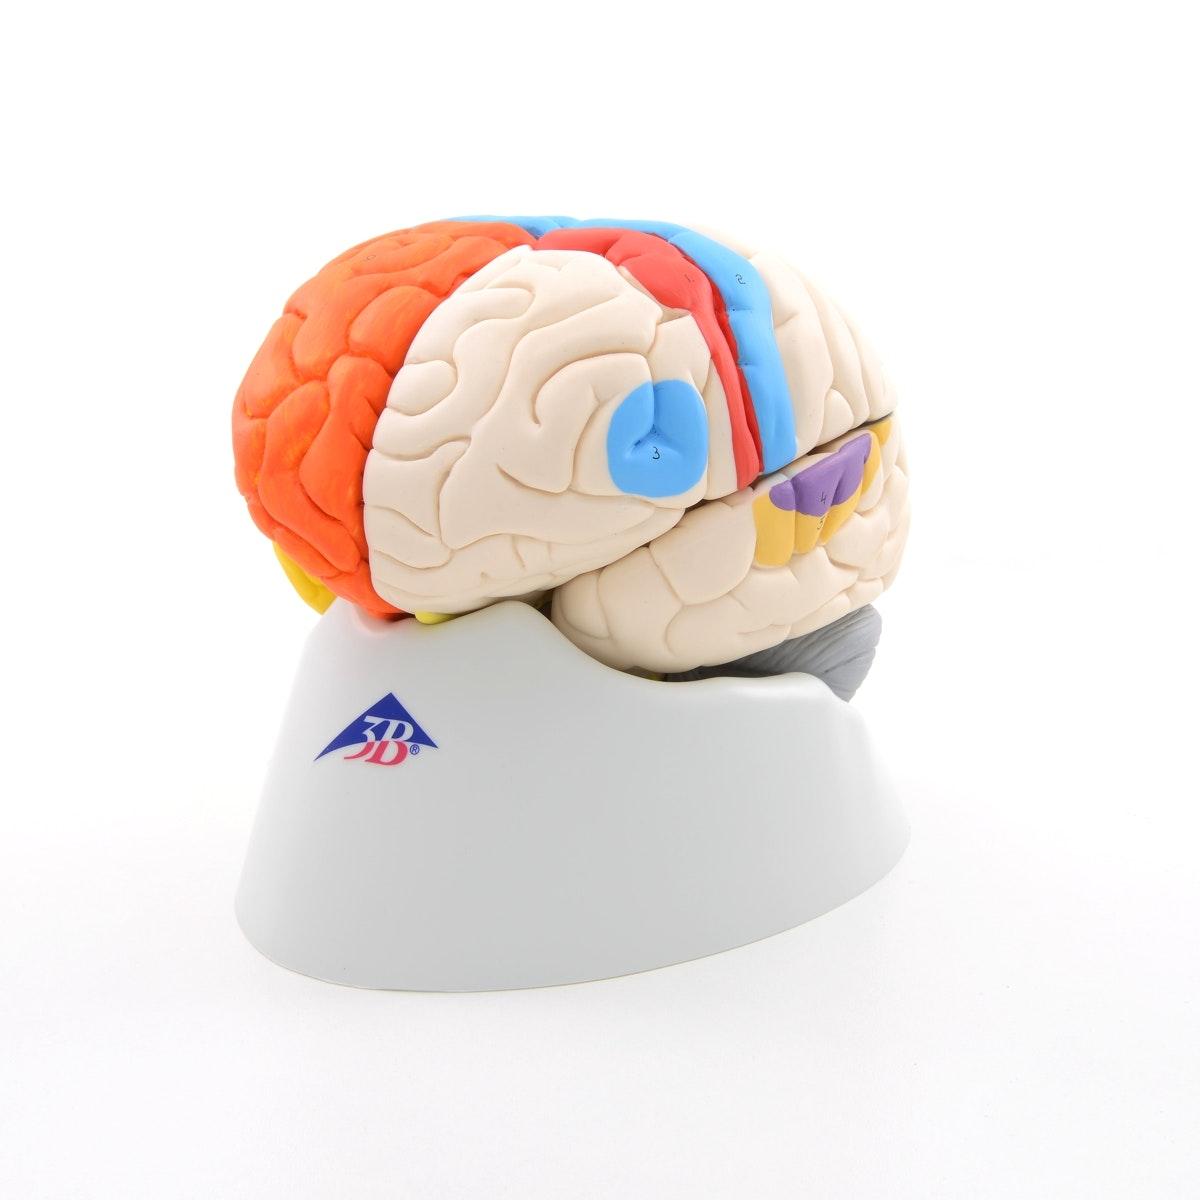 8-delt didaktisk farvet hjernemodel